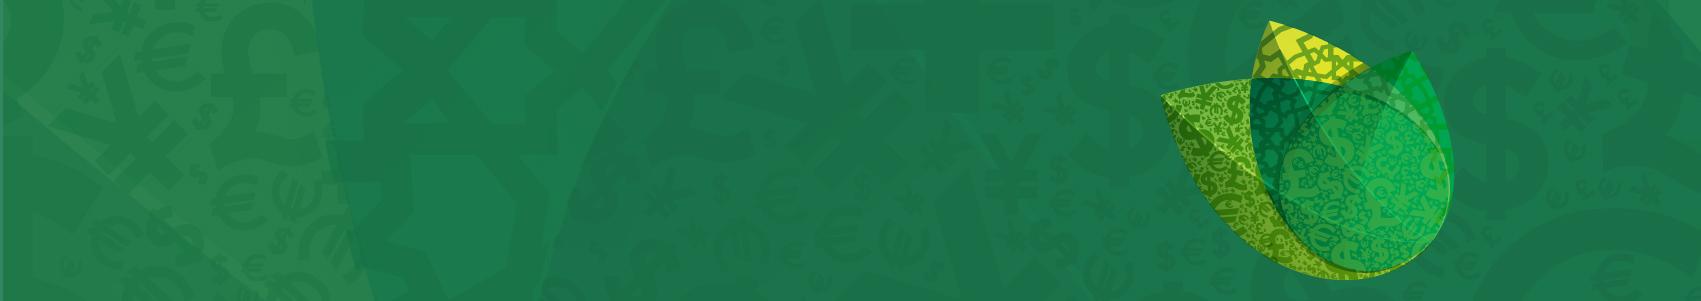 GREEN_BUSINESS_1700x300-1002